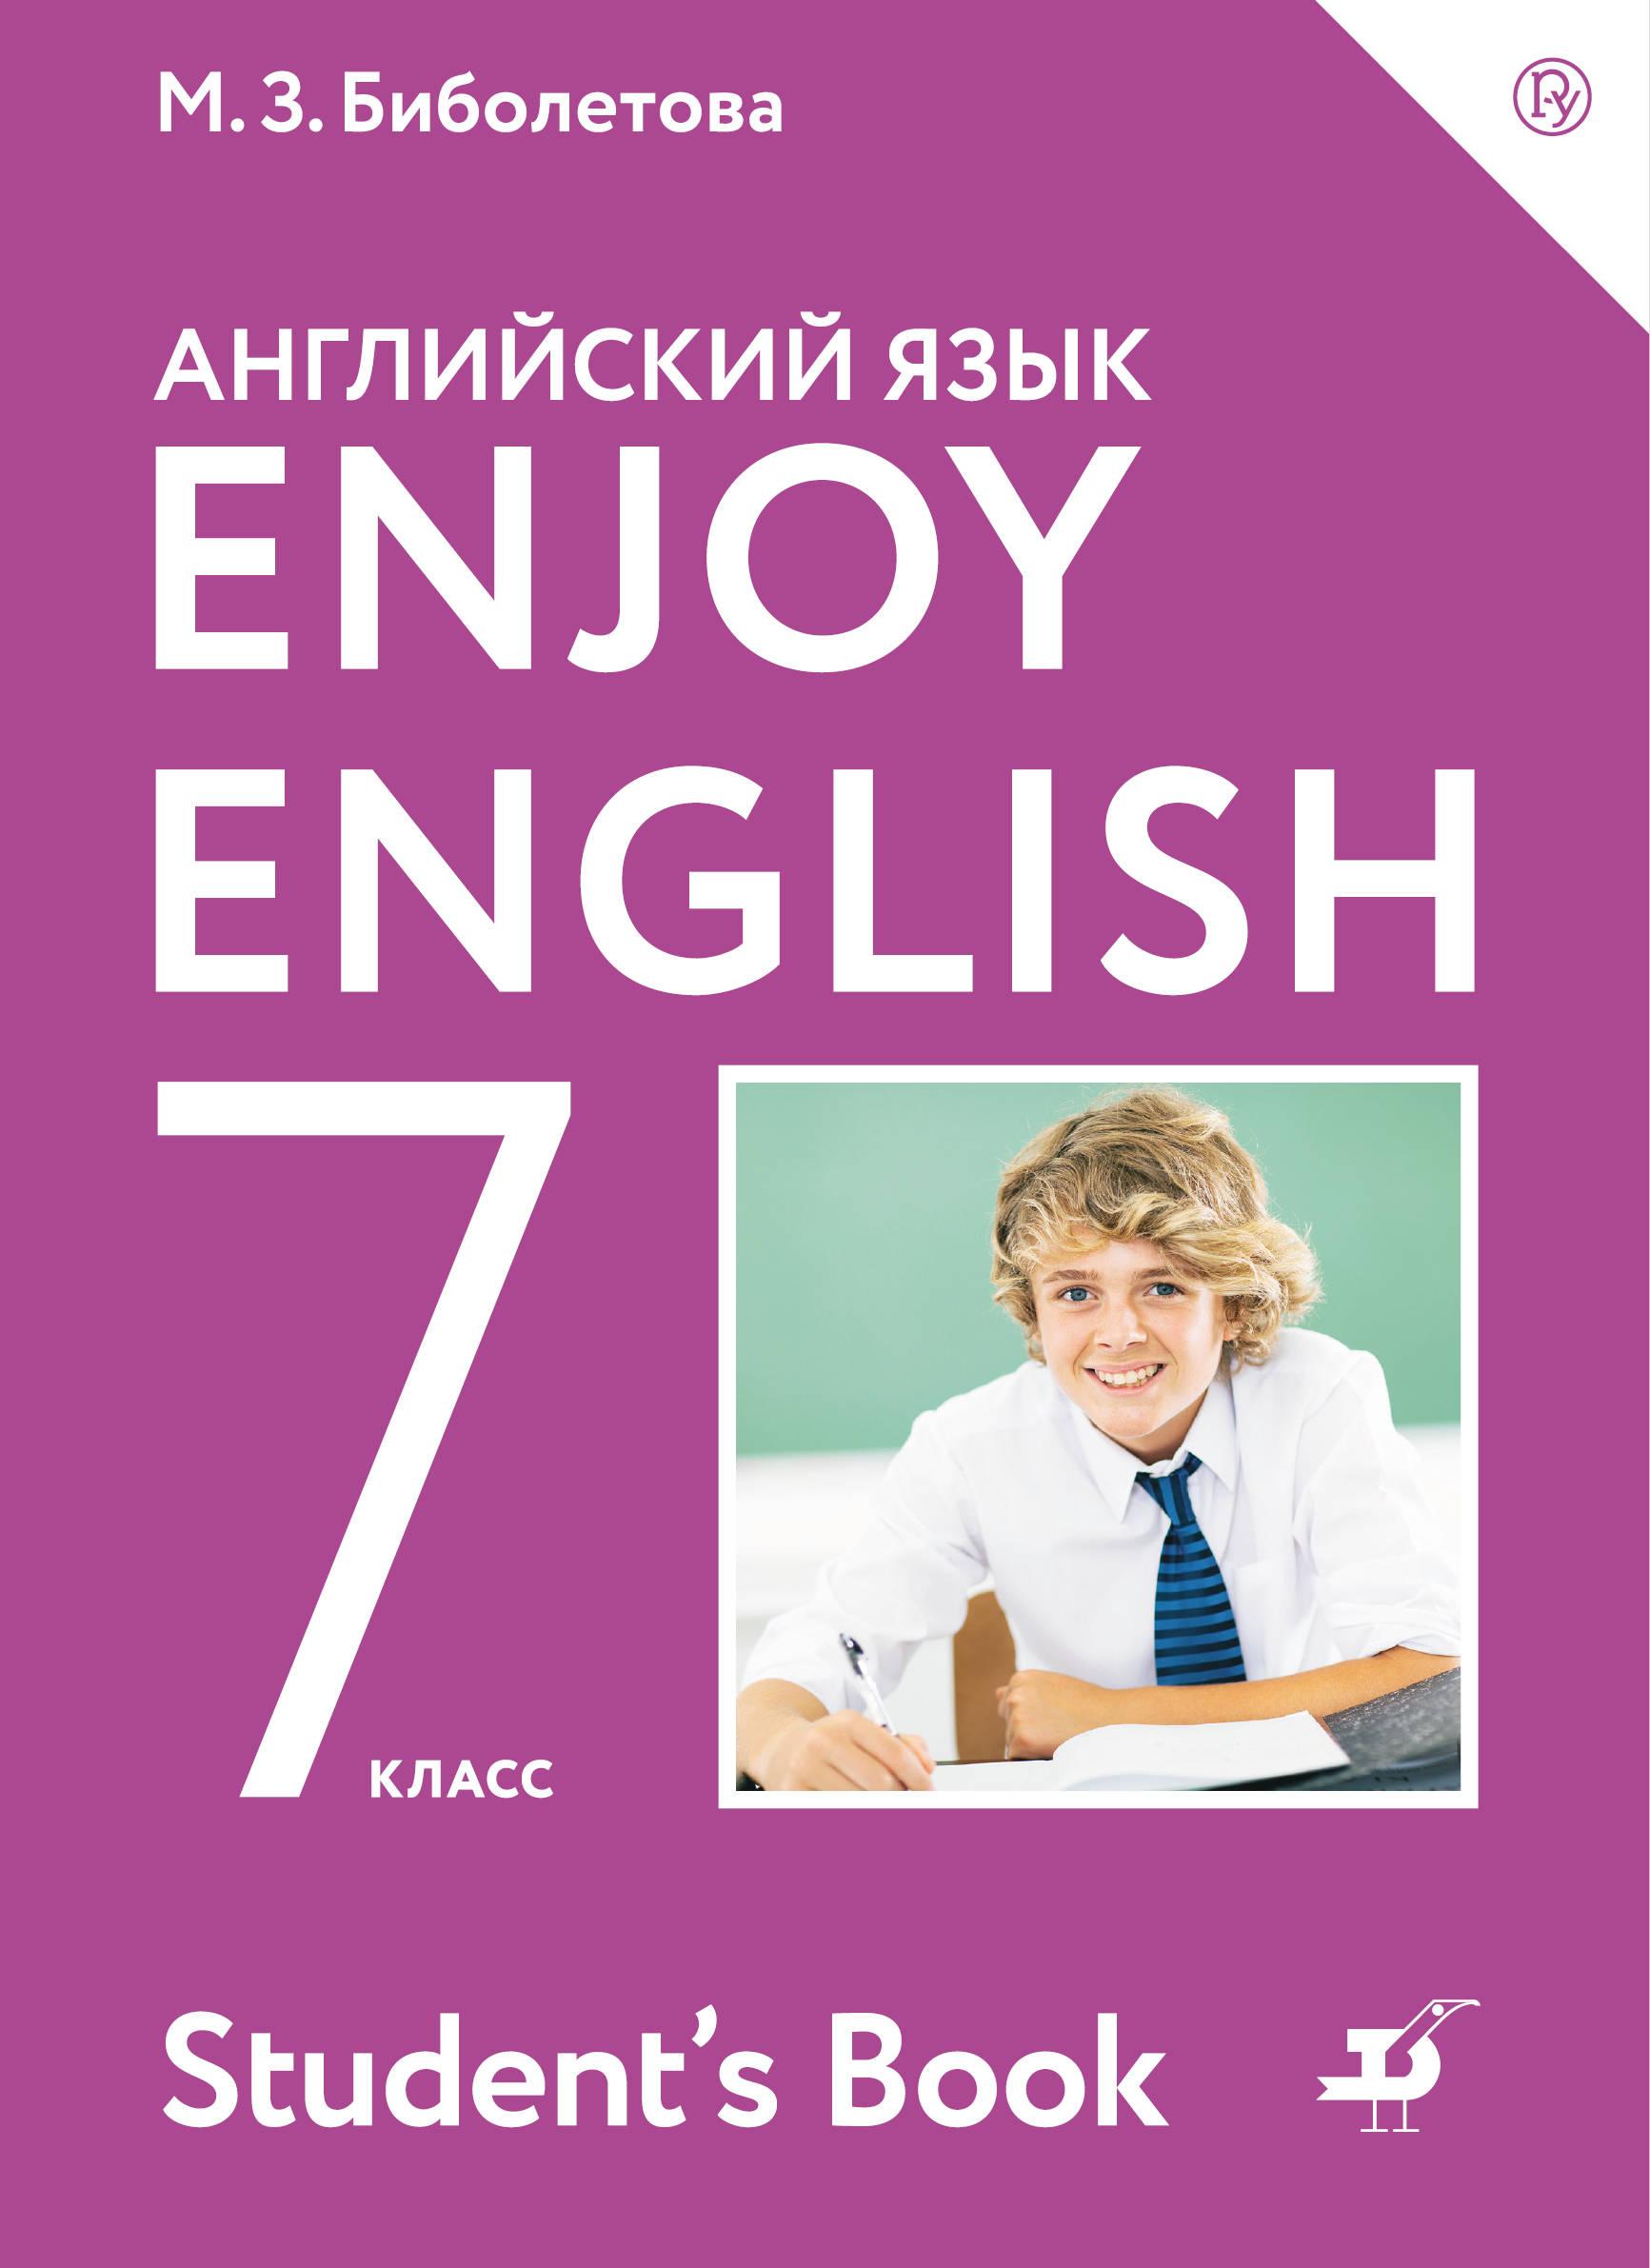 Zakazat.ru: Enjoy English / Английский с удовольствием. 7 класс. Учебник. М. З. Биболетова